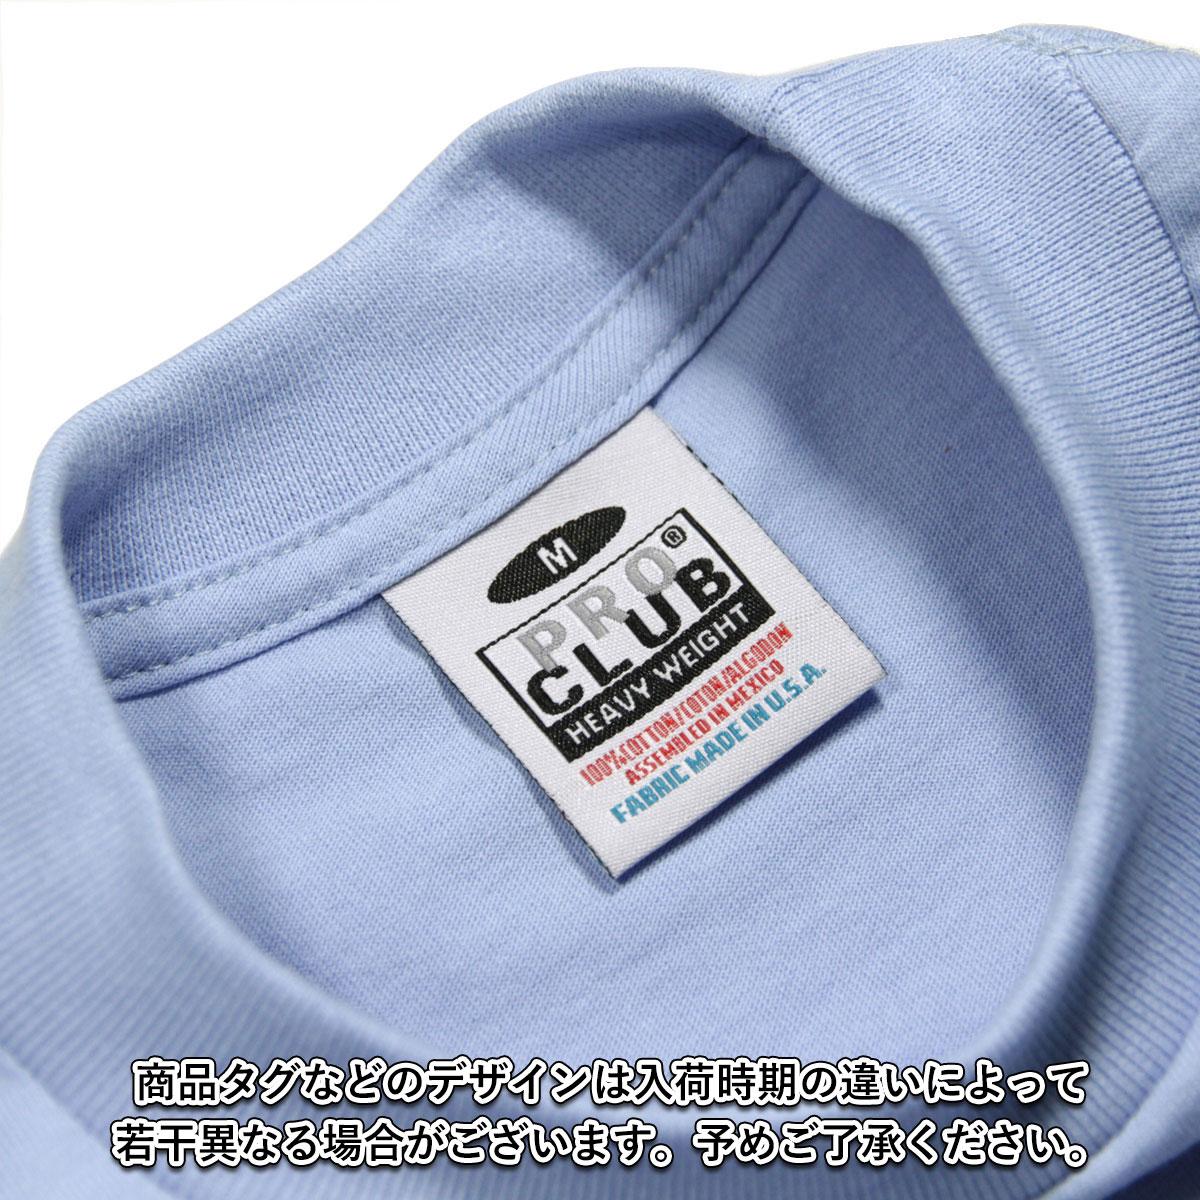 プロクラブ Tシャツ メンズ 正規販売店 PROCLUB 半袖Tシャツ クルーネックTシャツ HEAVY WEIGHT COTTON SHORT SLEEVE CREW NECK T-SHIRT SKY BLUE #101 AB6B B1C C1D D1E E07F